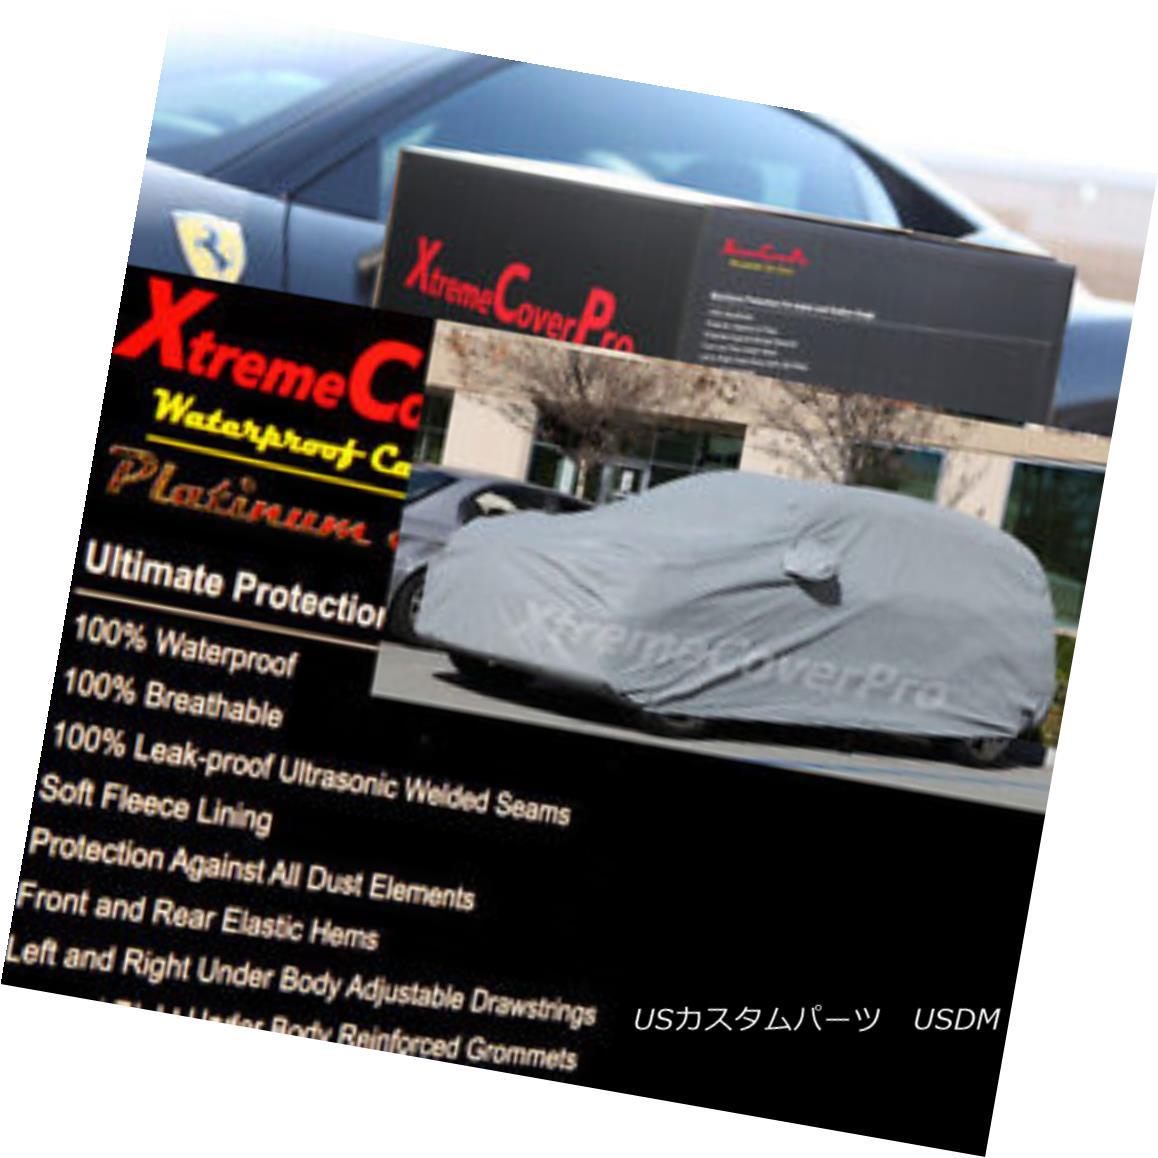 カーカバー 1988 1989 1990 1991 Chevy Suburban Waterproof Car Cover w/MirrorPocket 1988年1989年1990年1991年シボレー郊外防水カーカバー付き(MirrorPocket)